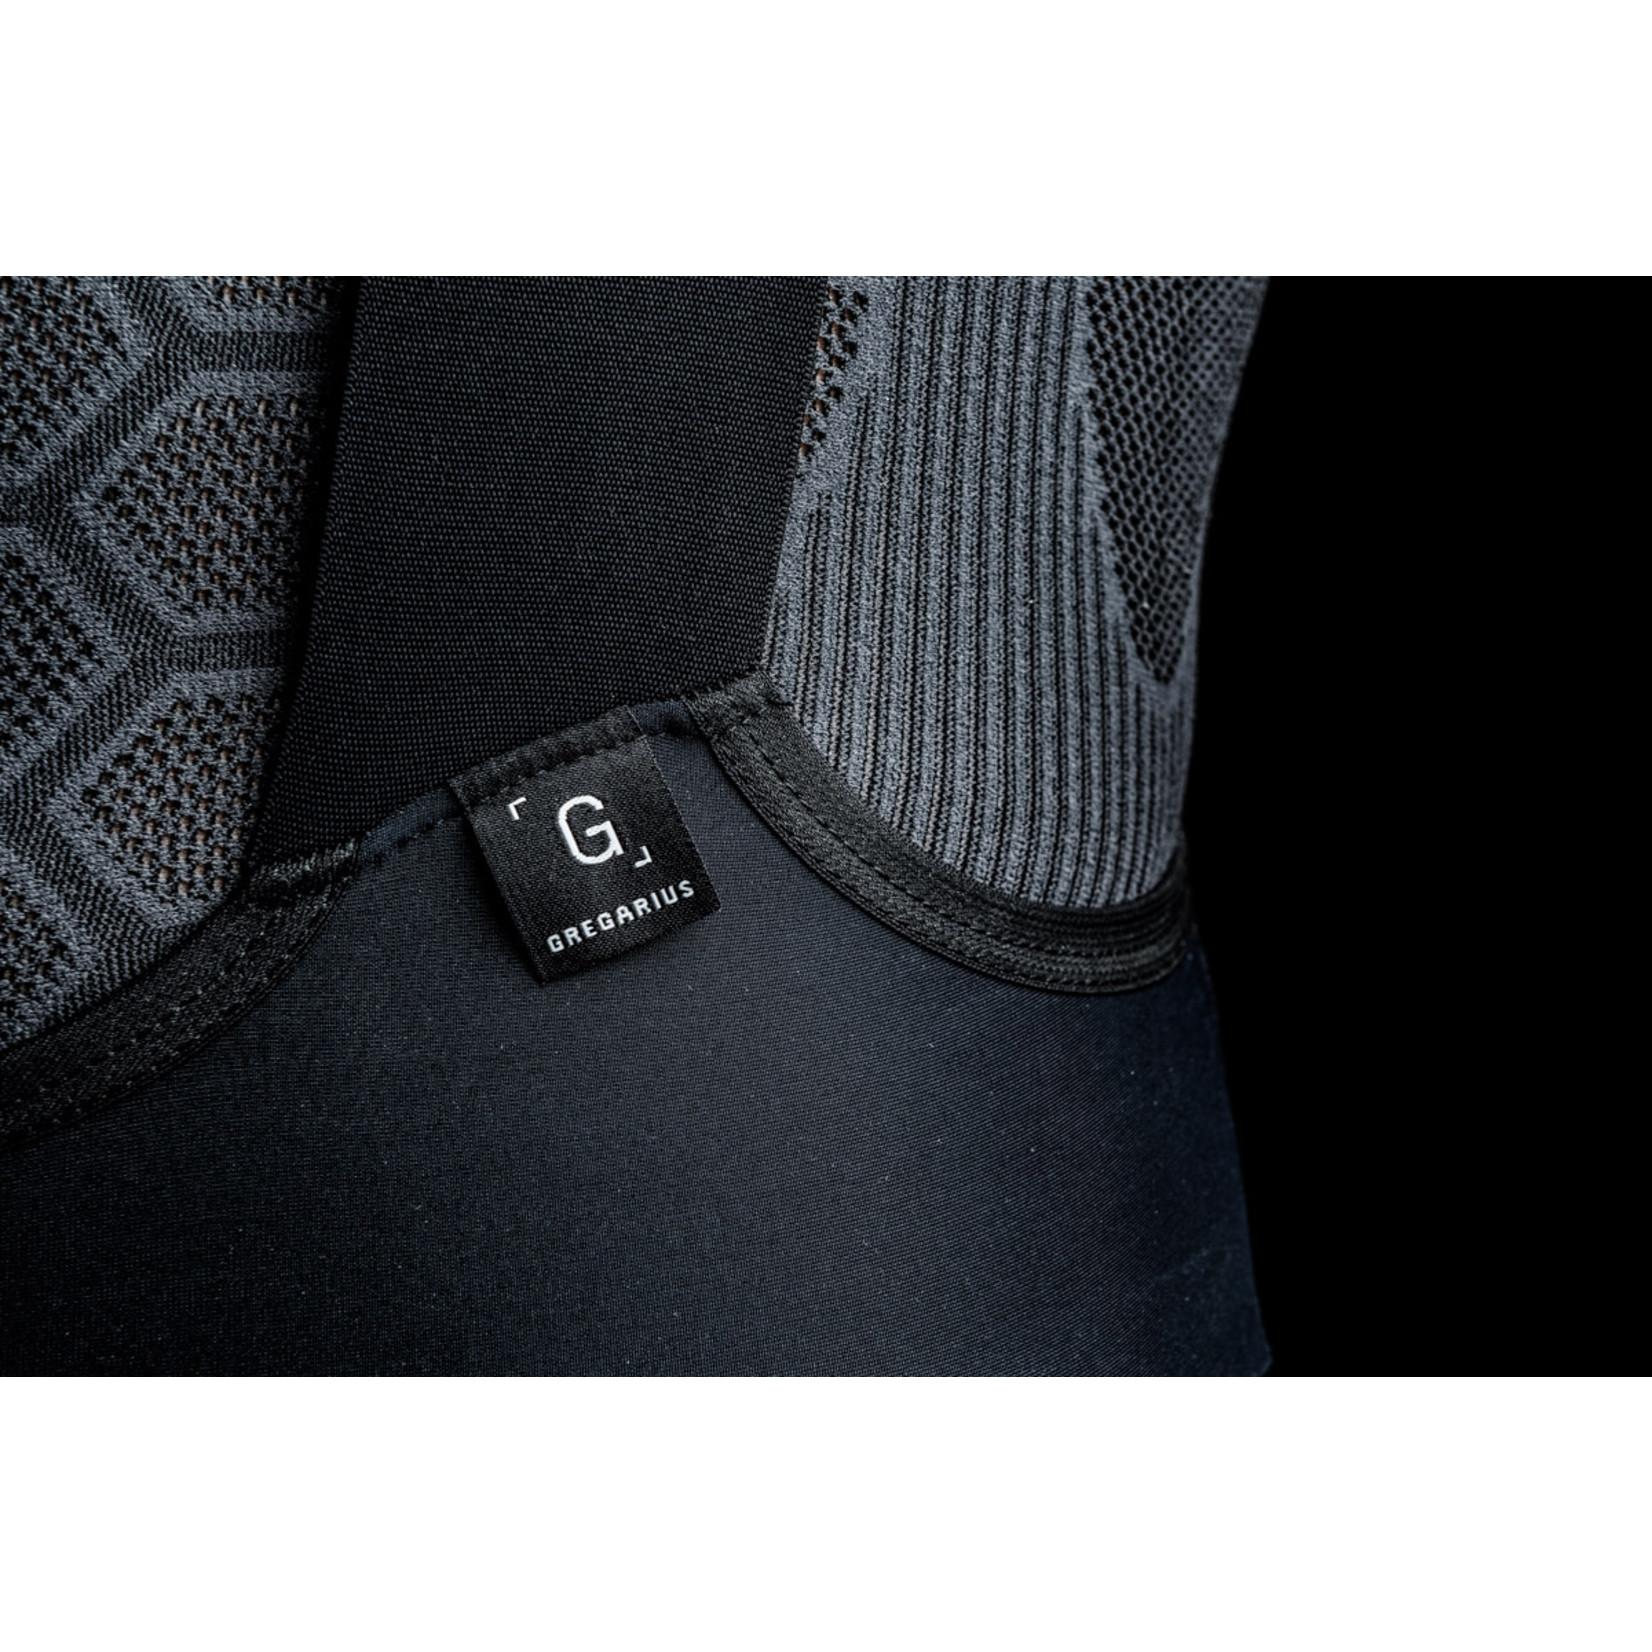 Q36.5 Q36.5 Gregarius Ultra Bib Shorts - Titanium